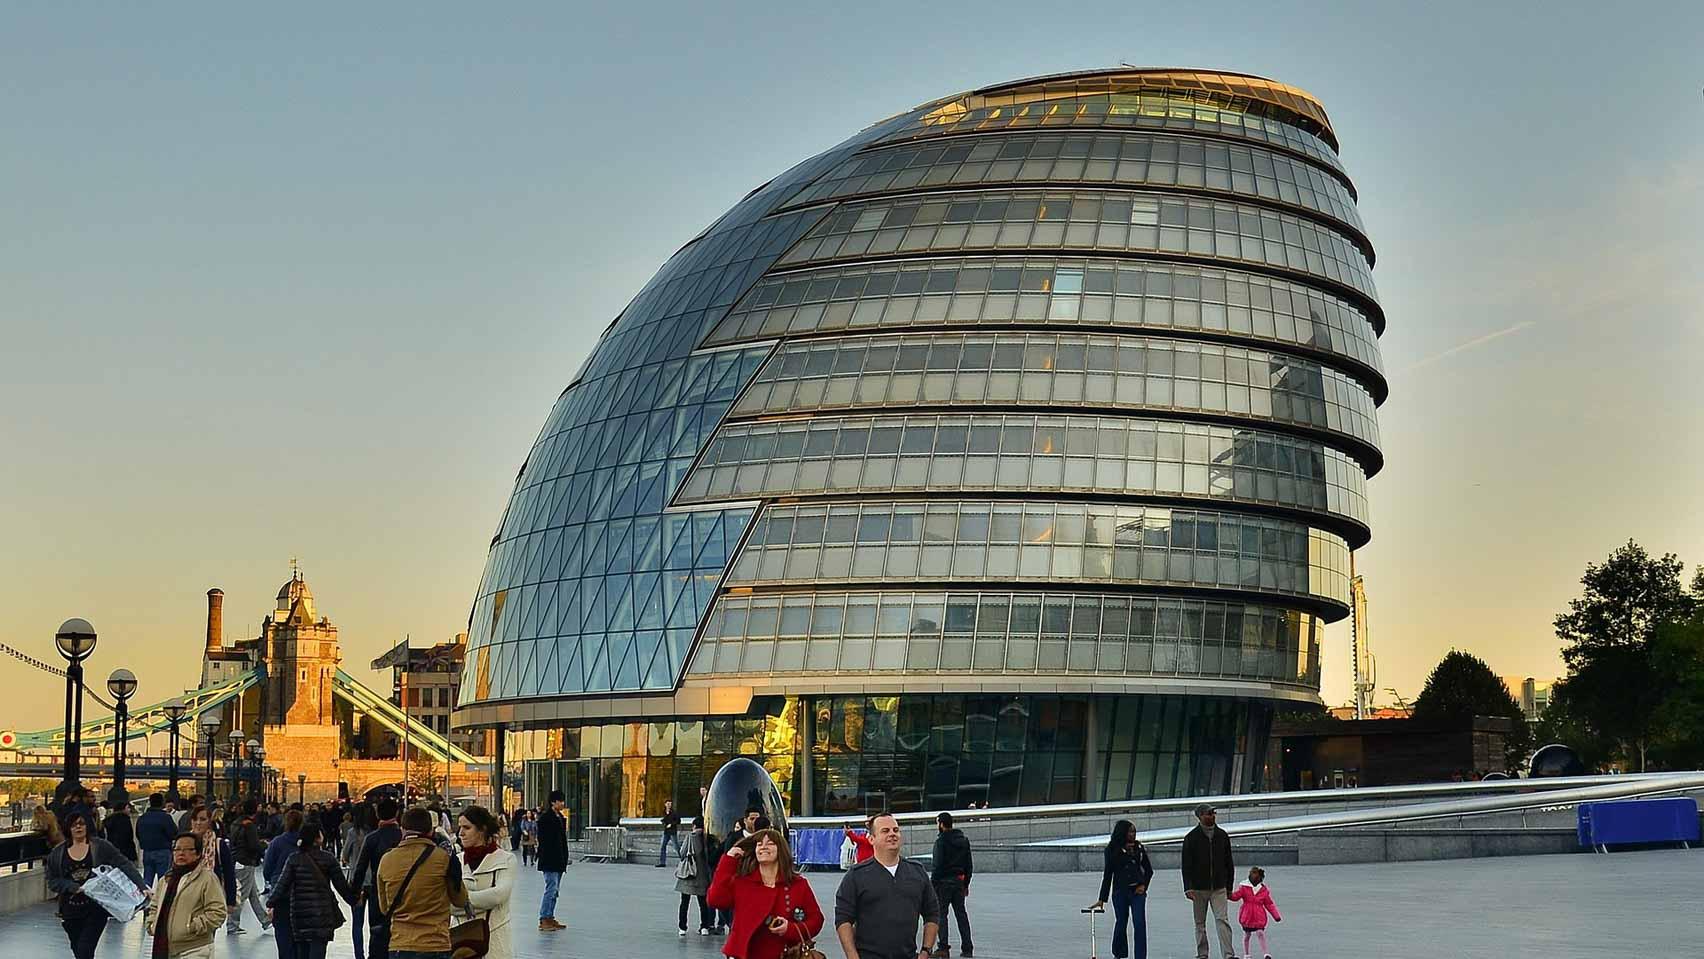 Ратуша Foster + Partners среди известных зданий в Великобритании, находящихся под угрозой